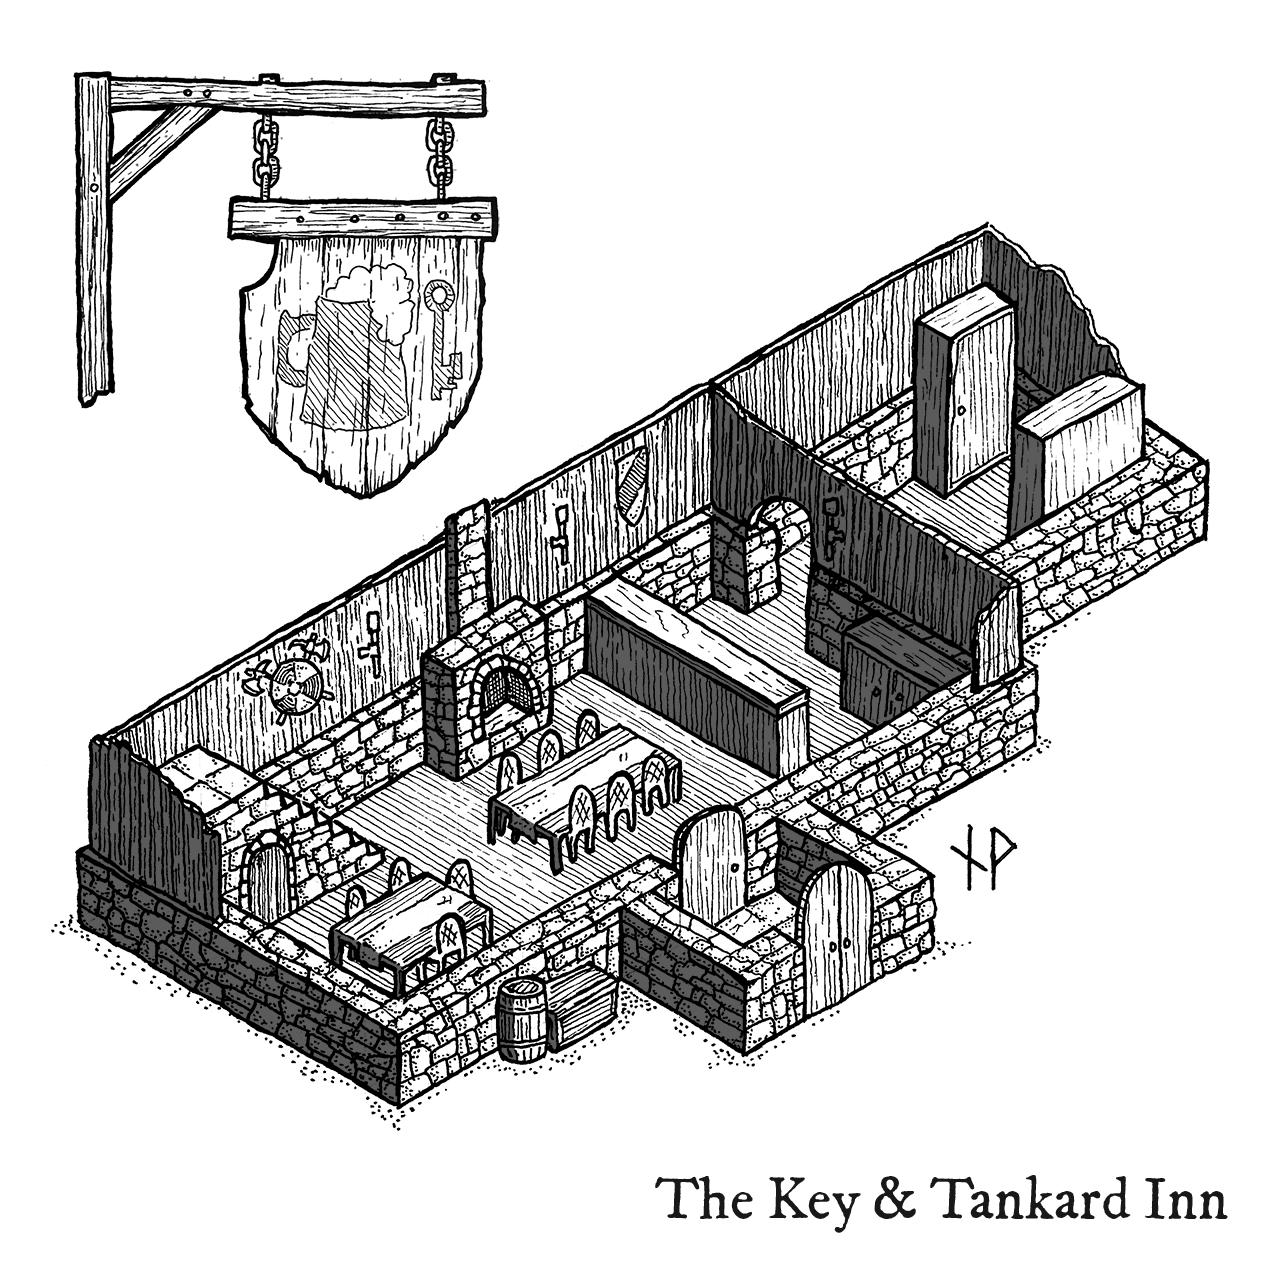 Map of the Key & Tankard Inn